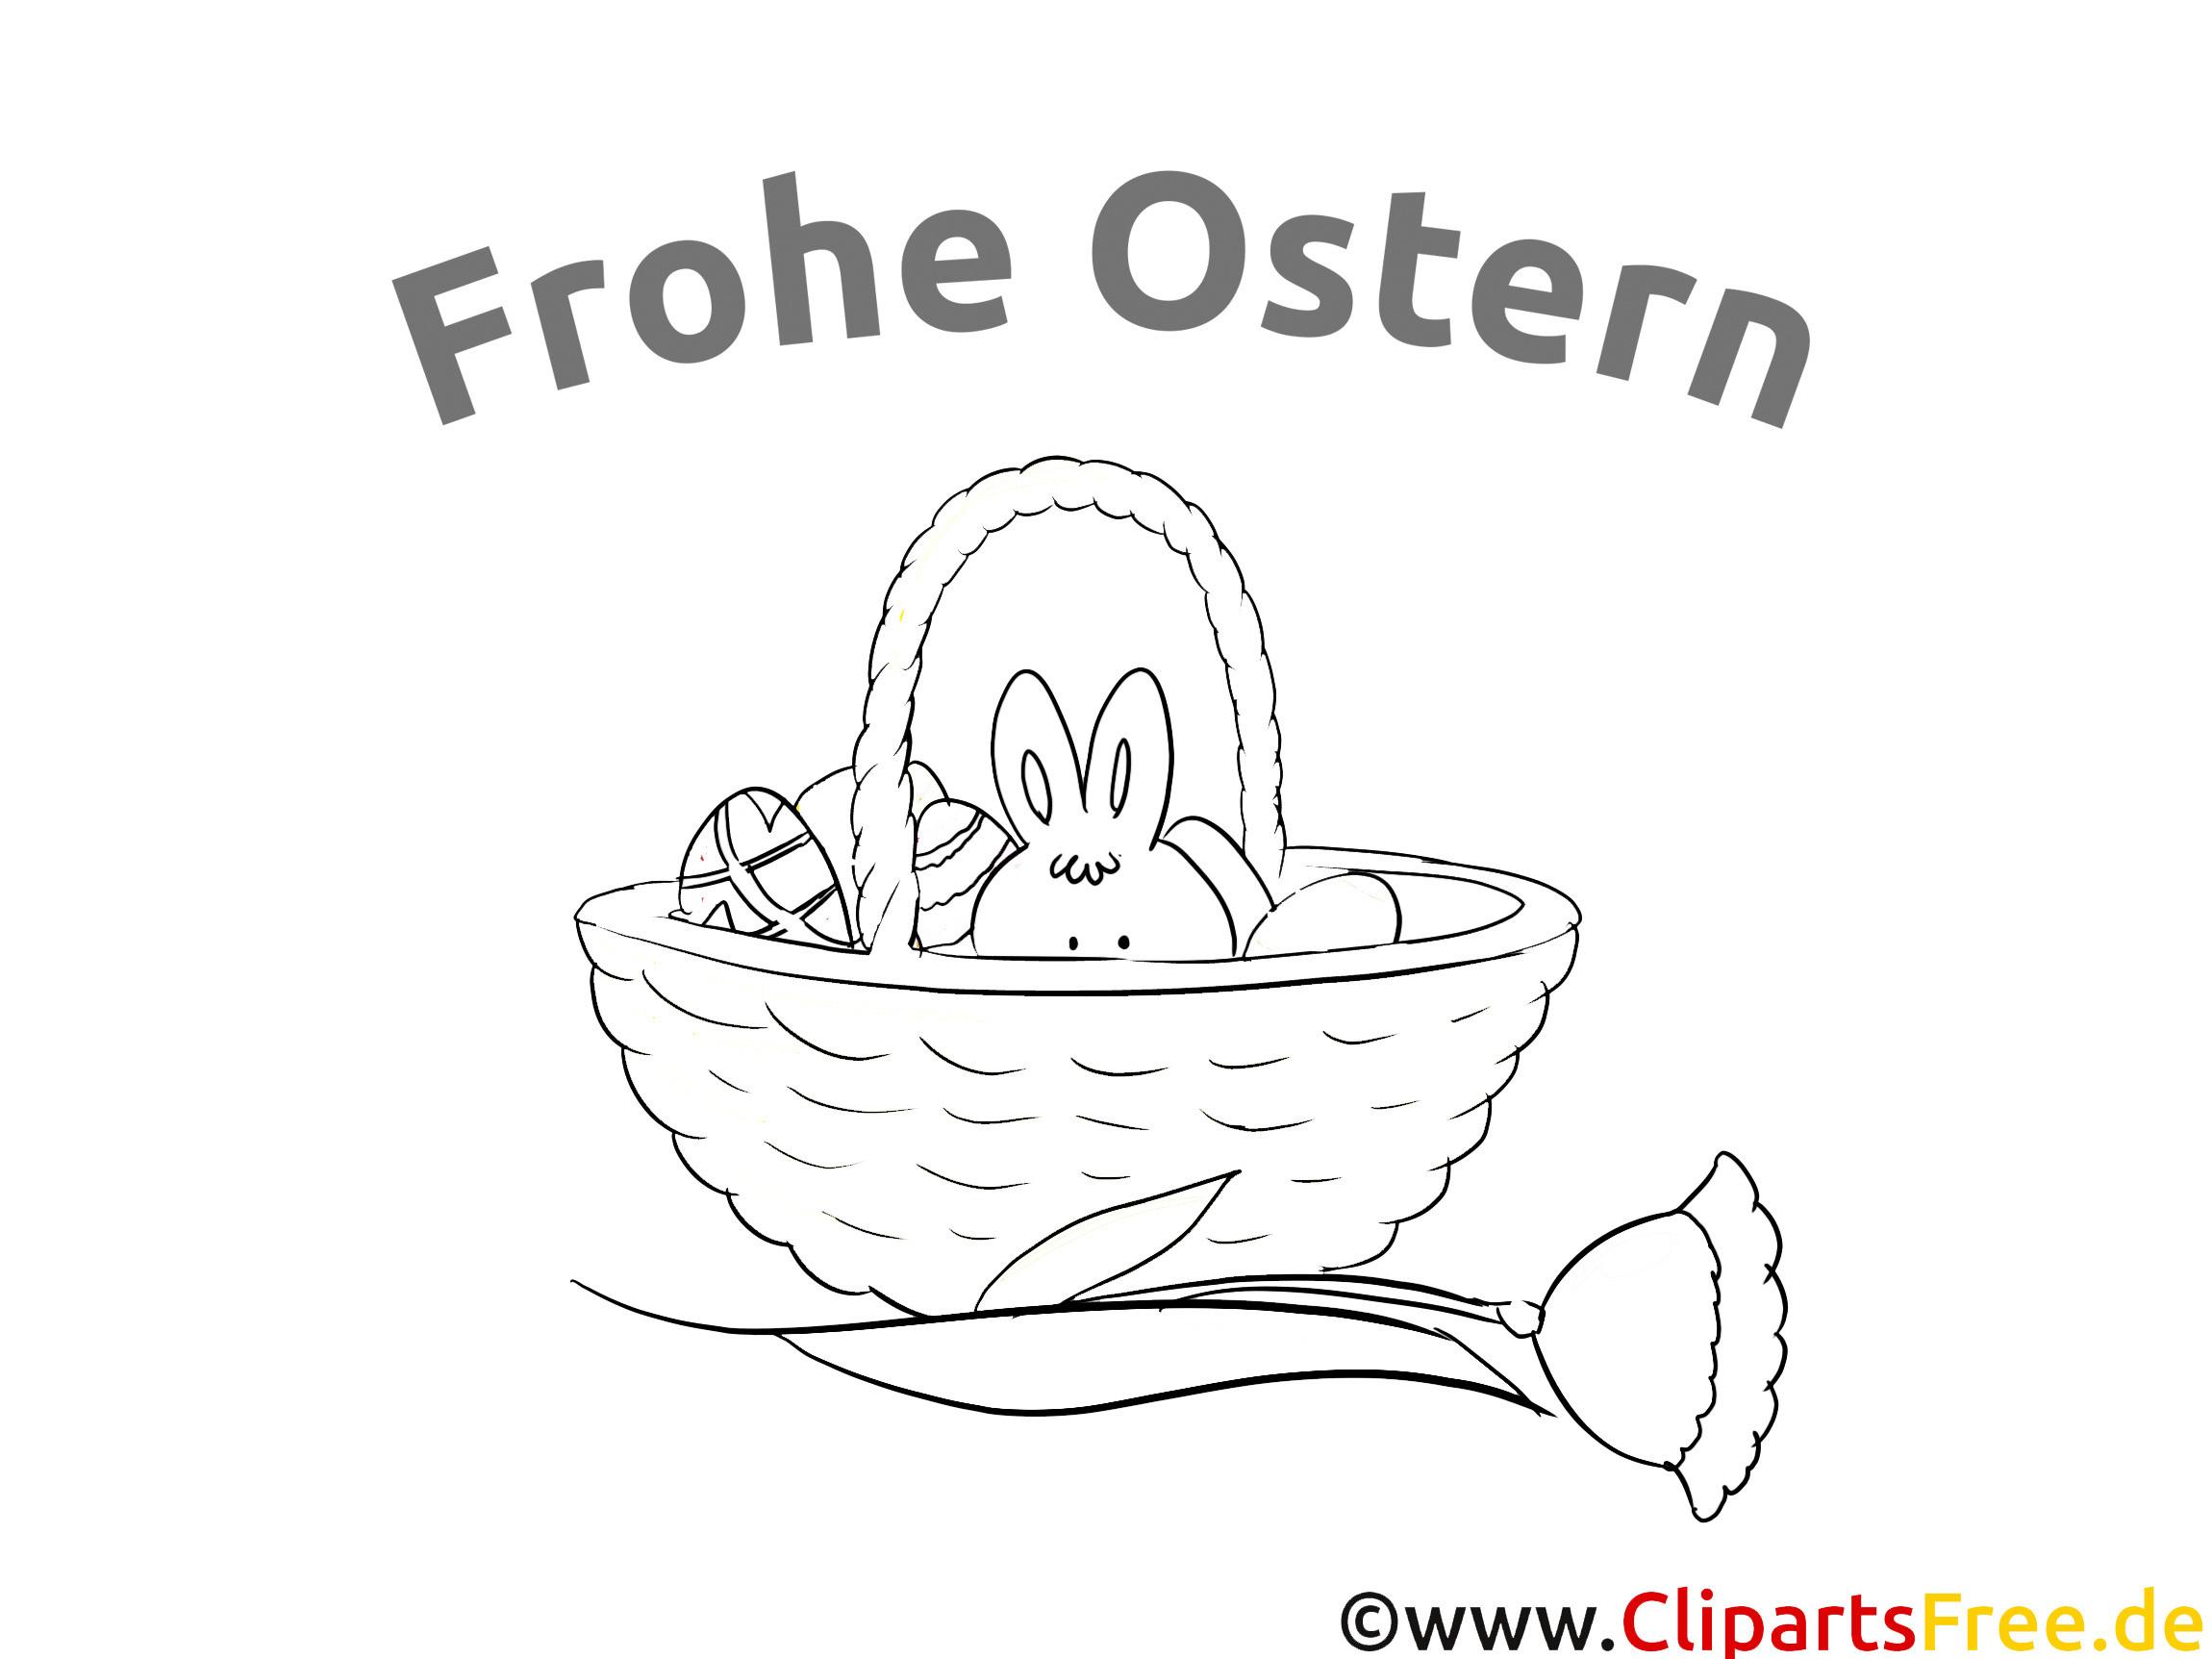 Frohe Ostern Bilder Zum Ausmalen Das Beste Von Ausmalbilder Weihnachten Schneemann Luxus Igel Grundschule 0d Schön Bilder